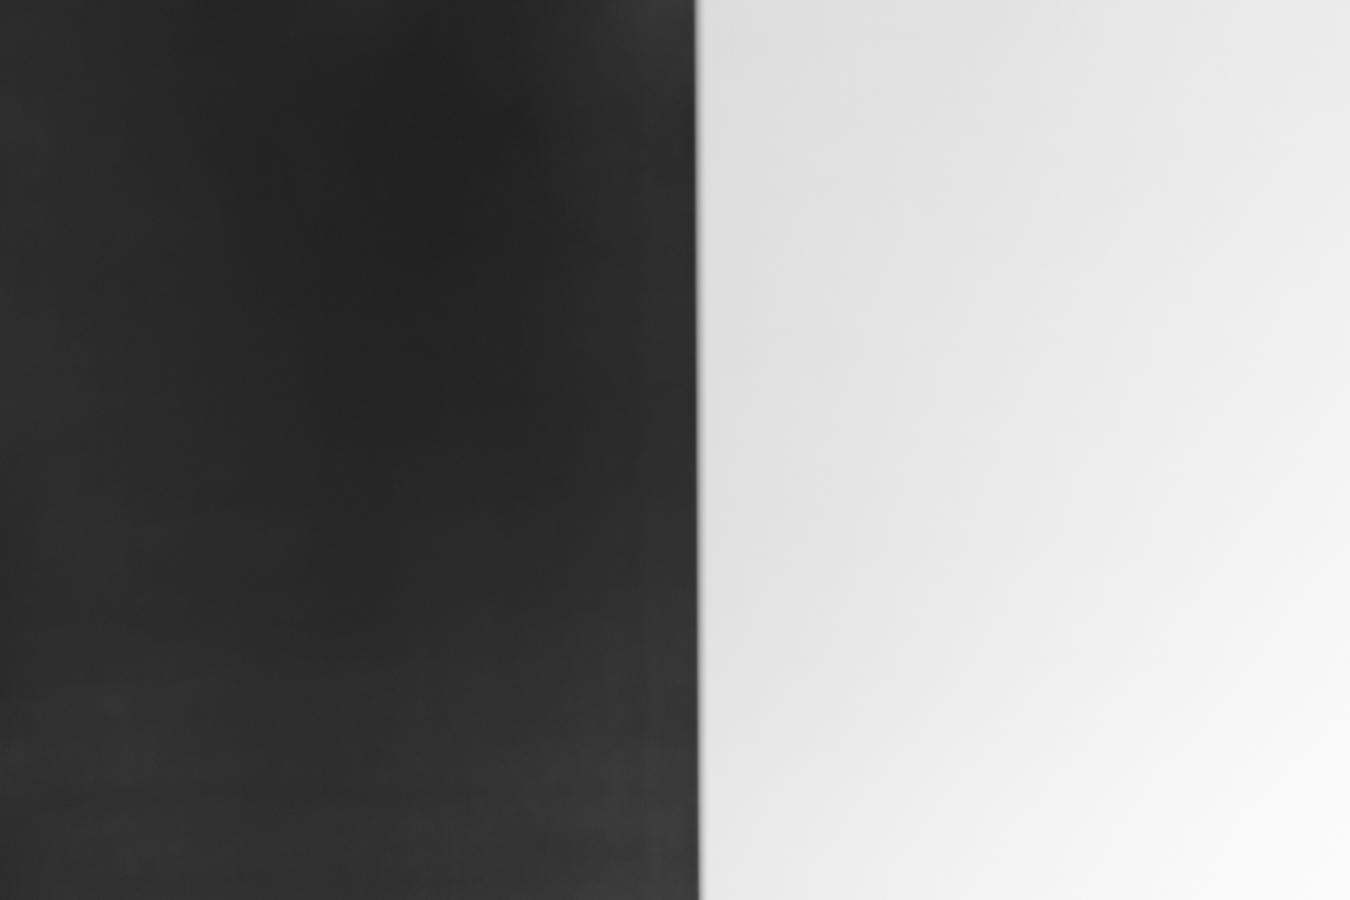 Fotografovaný obrazec obsahuje 50 procent černé a 50 procent bílé barvy. To ve výsledku představuje průměrně šedou scénu a expozimetr ve fotoaparátu provedl korektní změření expozice.jpg